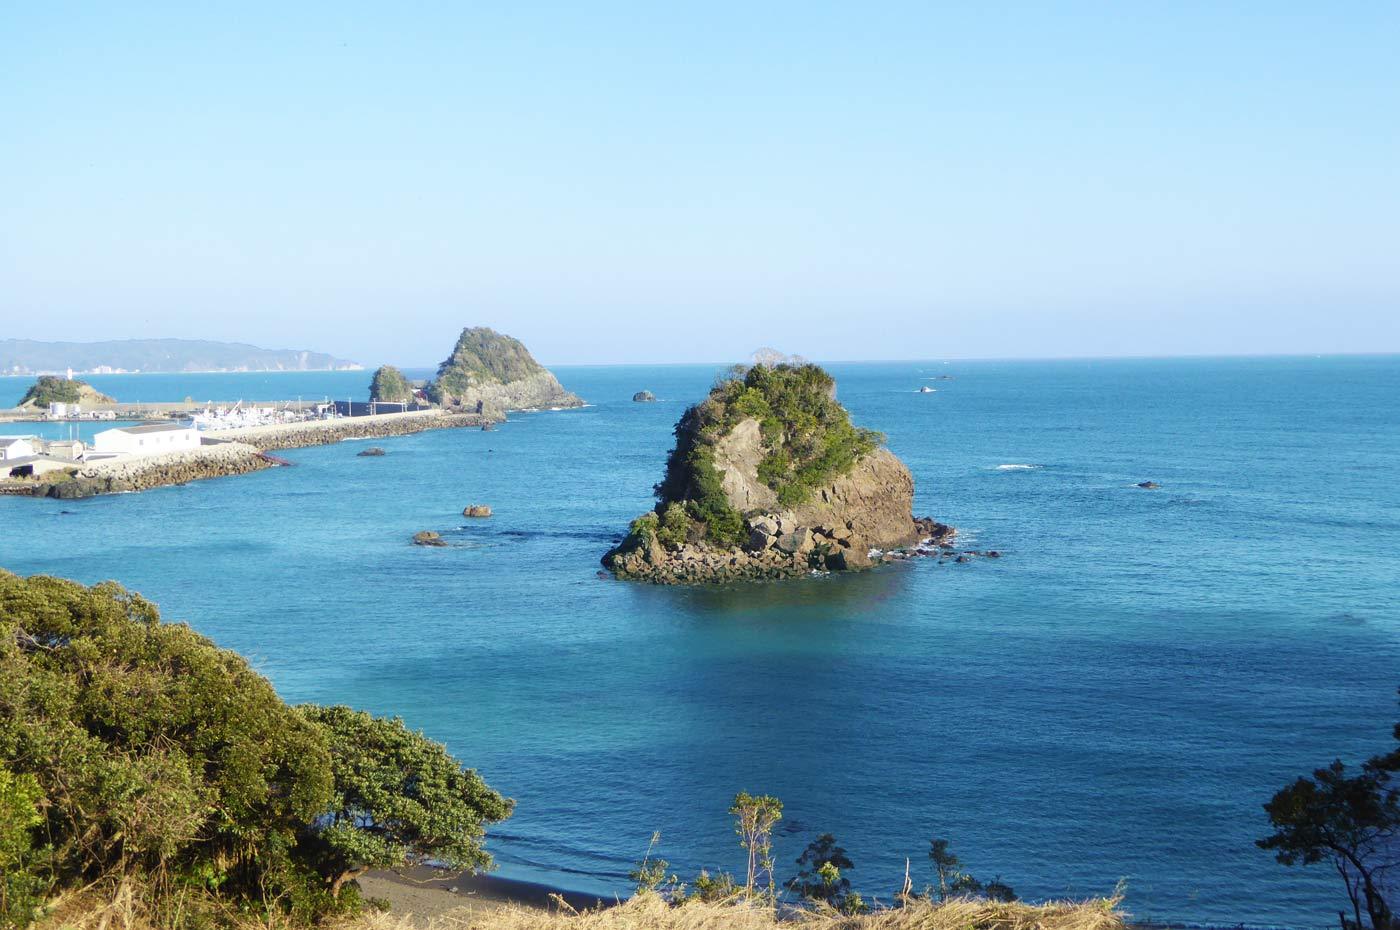 鴨川松島(ドローンによる空撮)